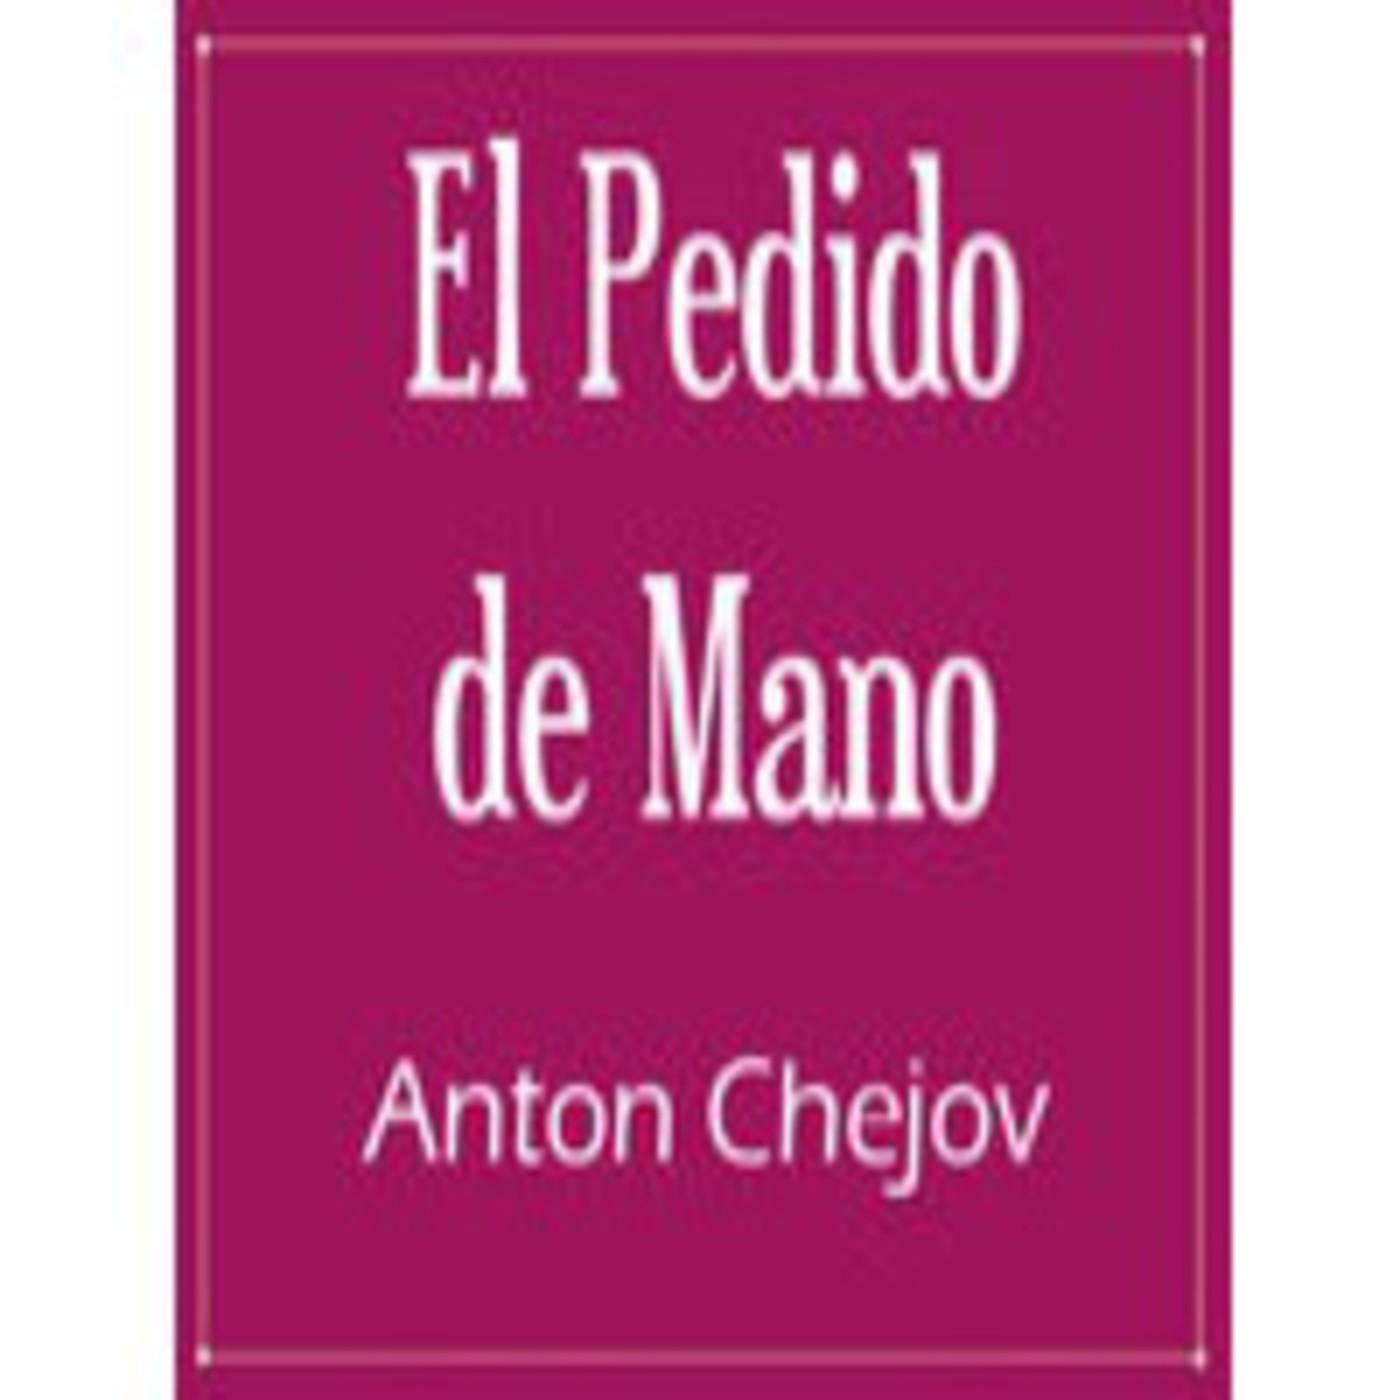 EL PEDIDO DE MANO DOWNLOAD